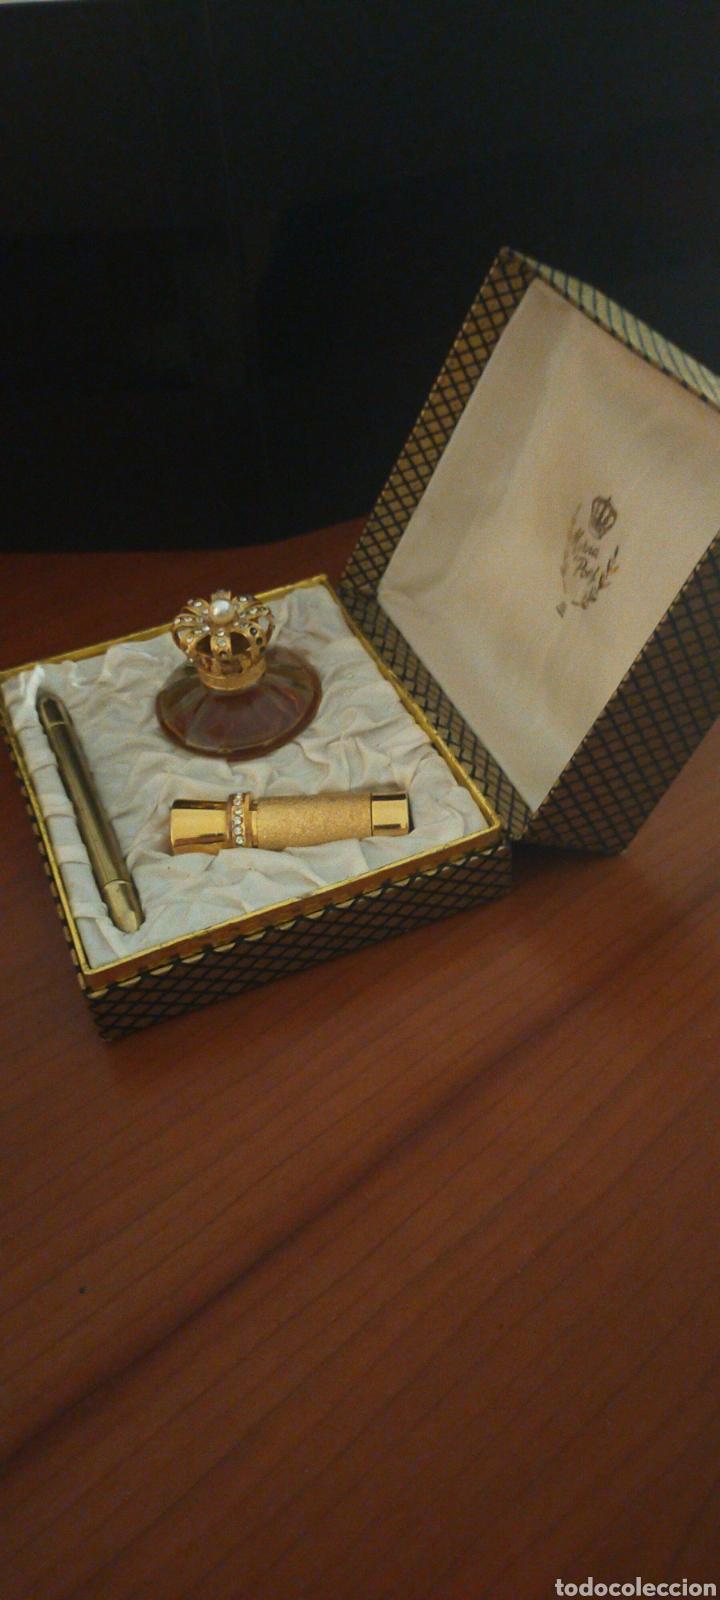 Miniaturas de perfumes antiguos: MYRNA PONS ESTUCHE PERFUME(HUELE DE MARAVILLA) LÁPIZ OJOS Y GUARDA PINTALABIOS - Foto 5 - 288327398